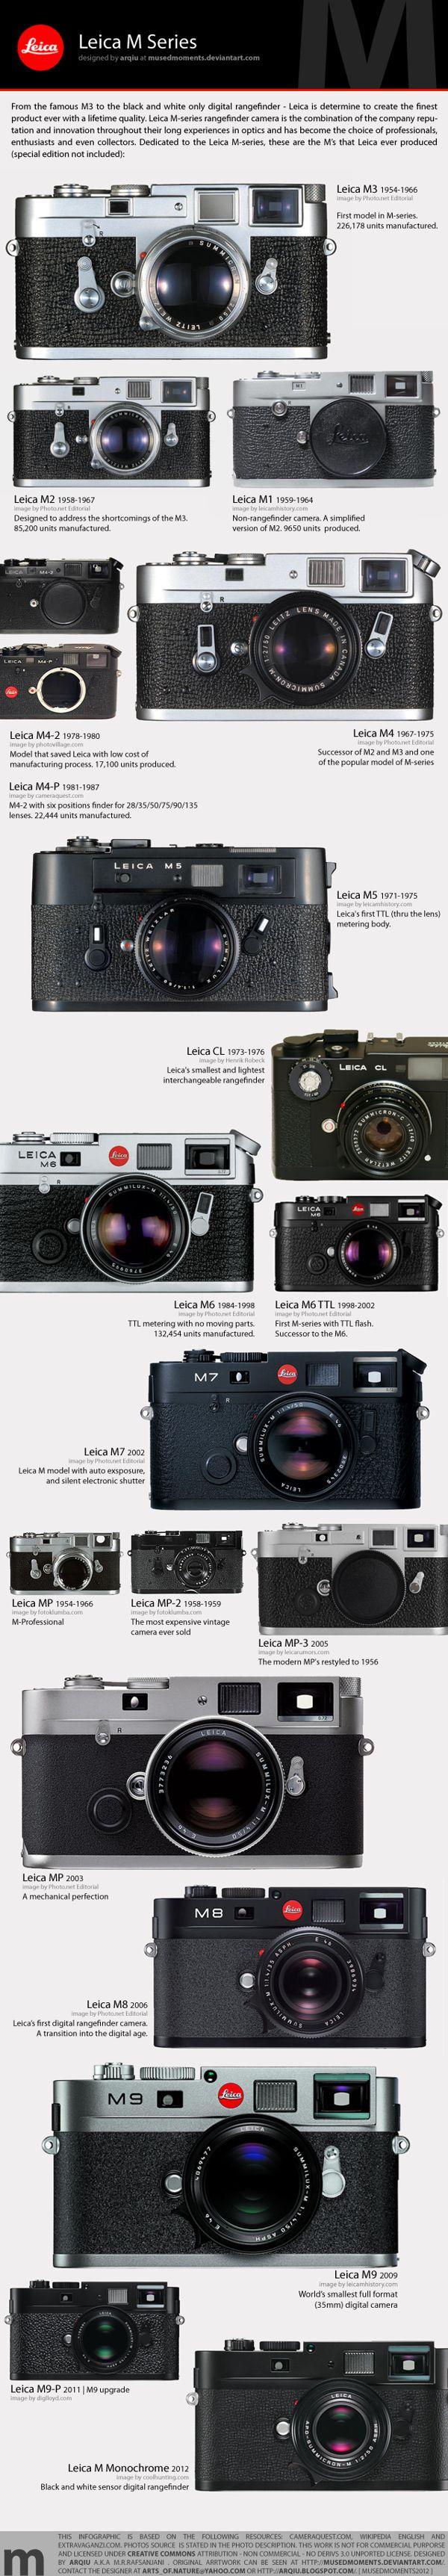 Historia de la Leica serie M